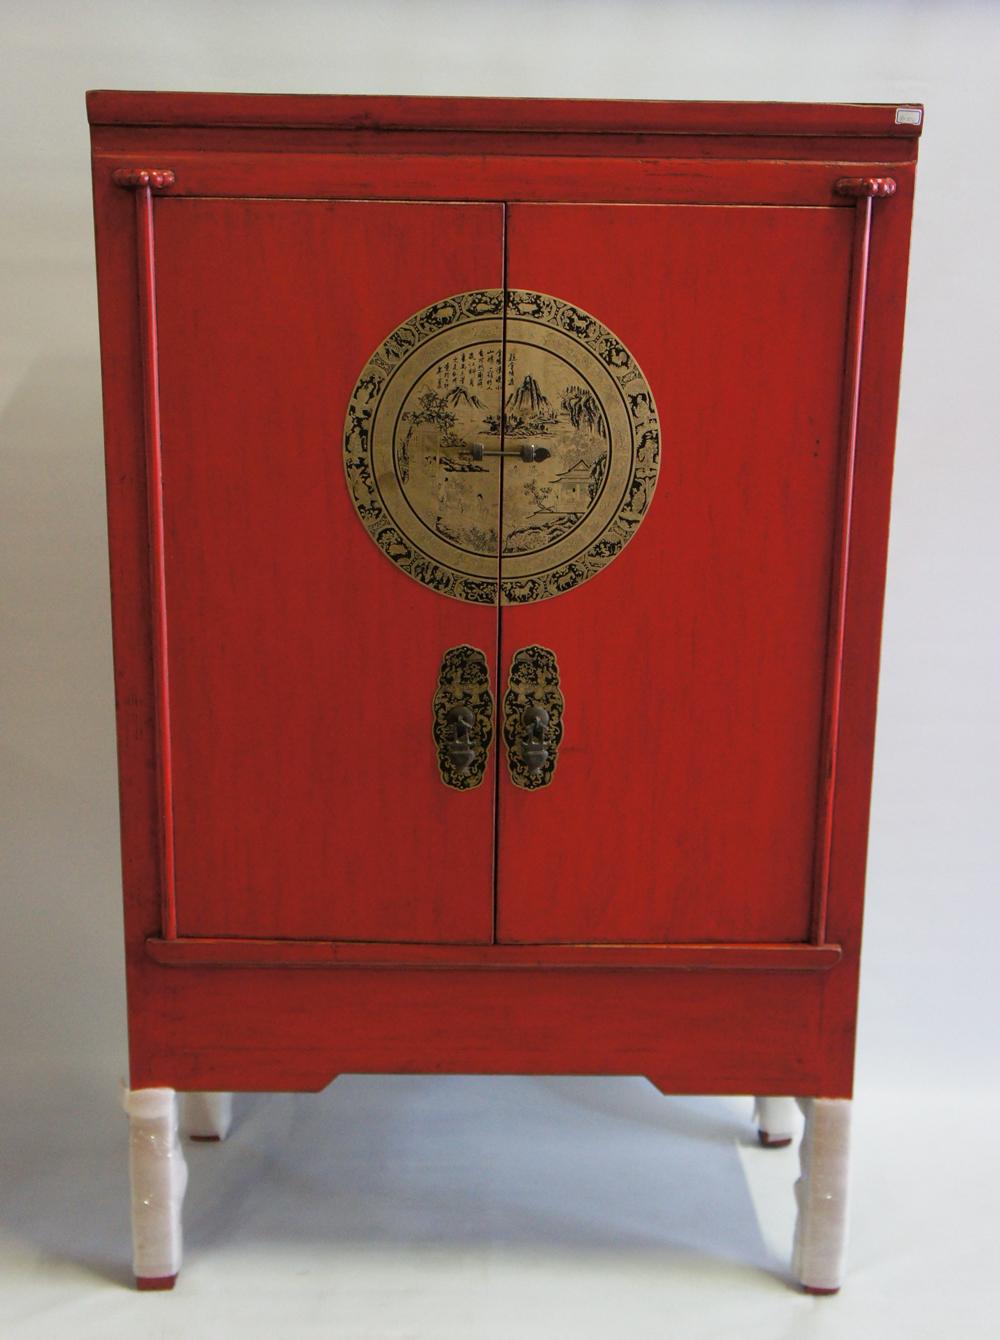 chinesischer schrank rot china schrank hochzeitsschrank asiatisch ebay. Black Bedroom Furniture Sets. Home Design Ideas